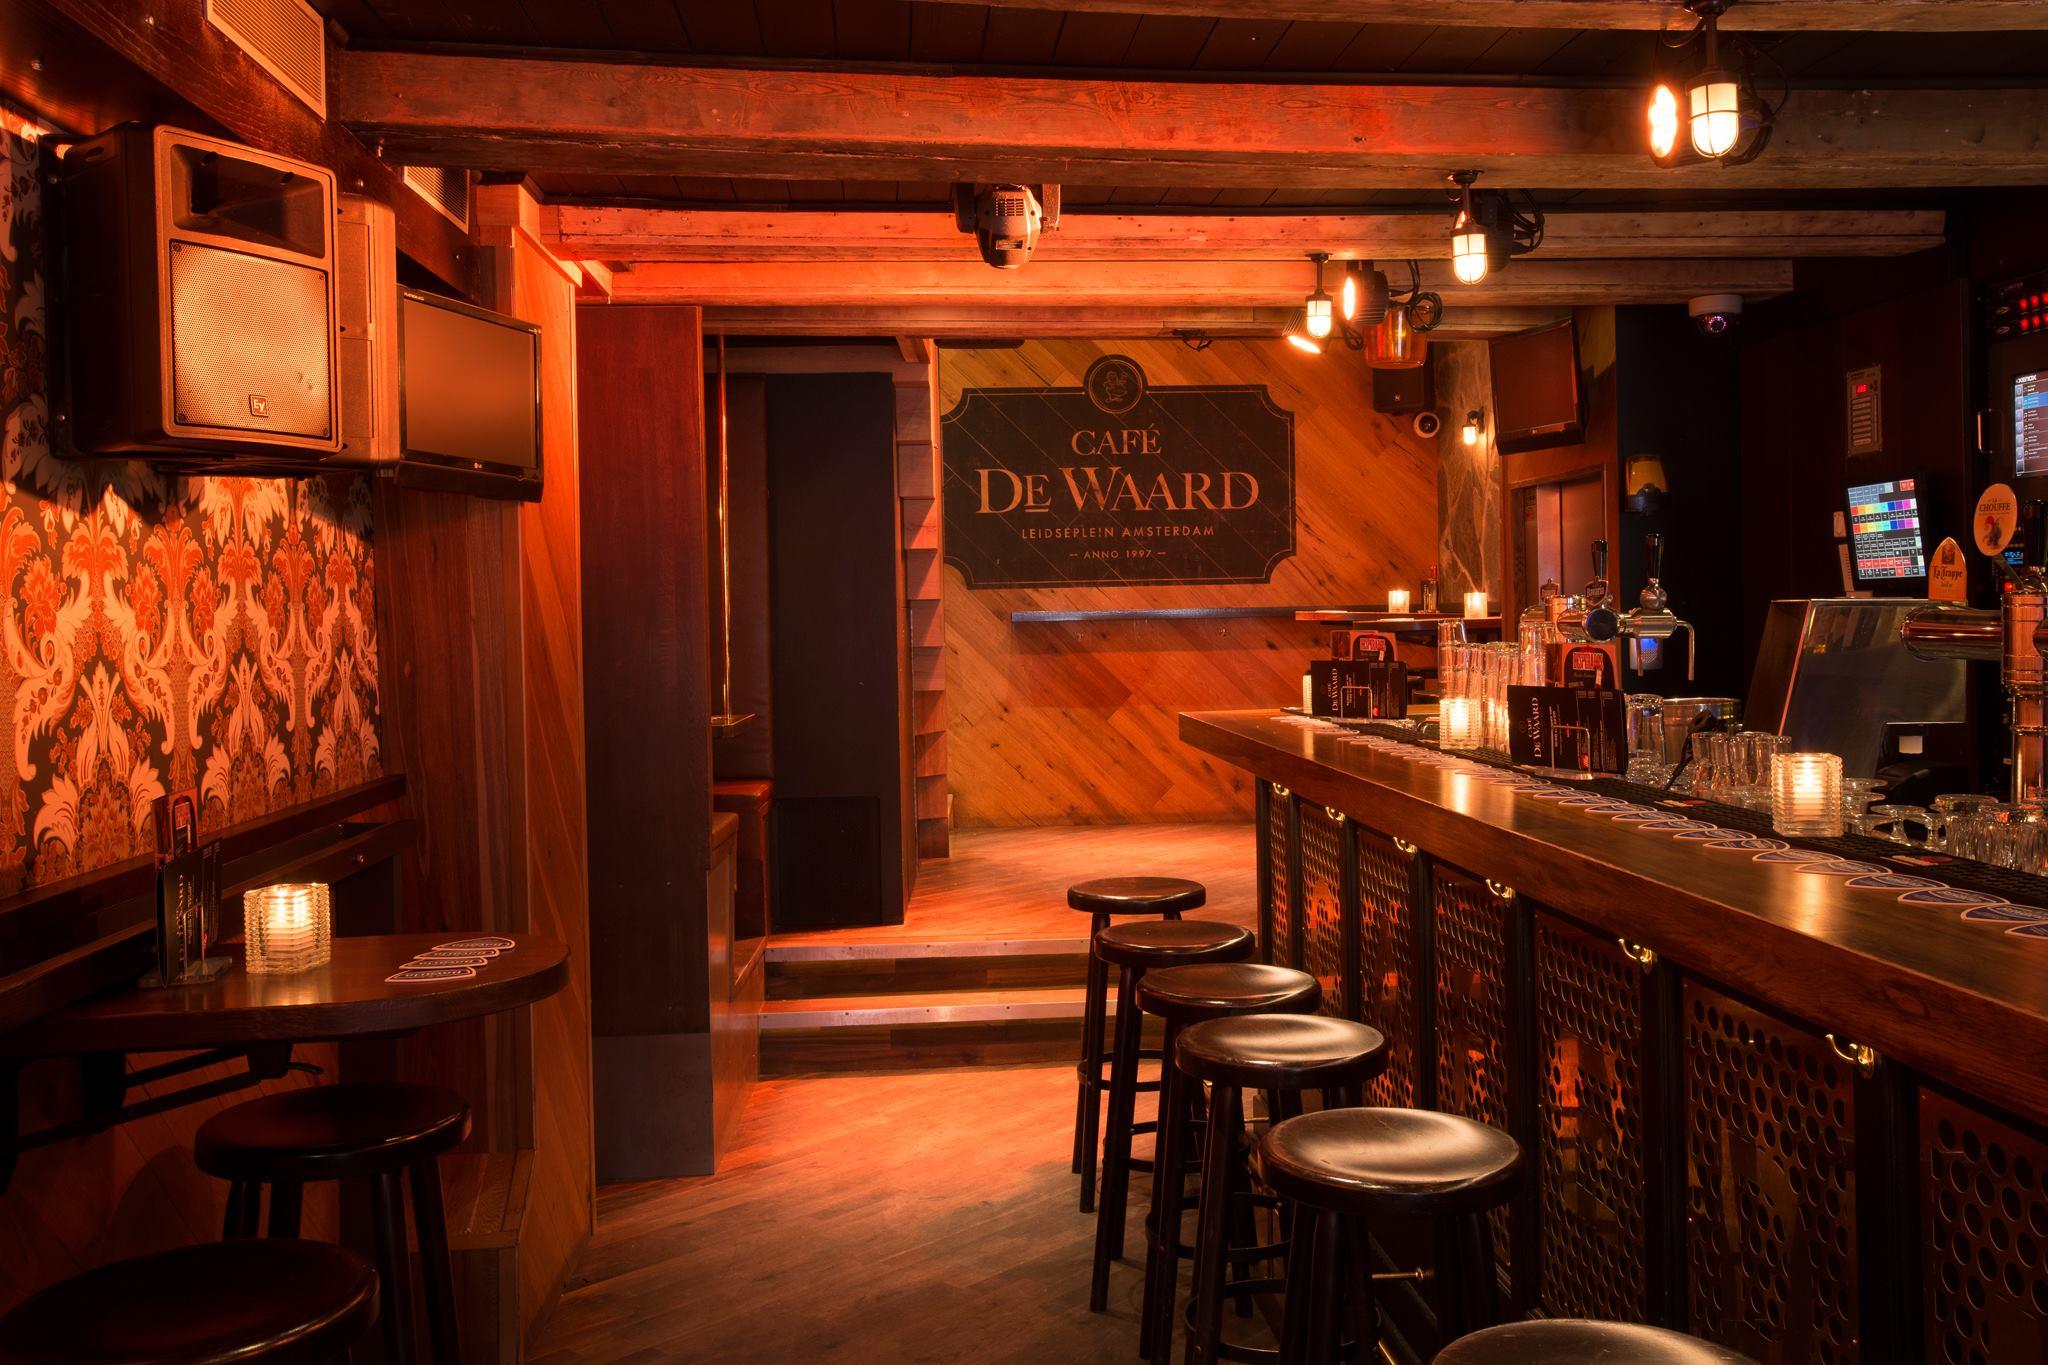 Cafe de Waard